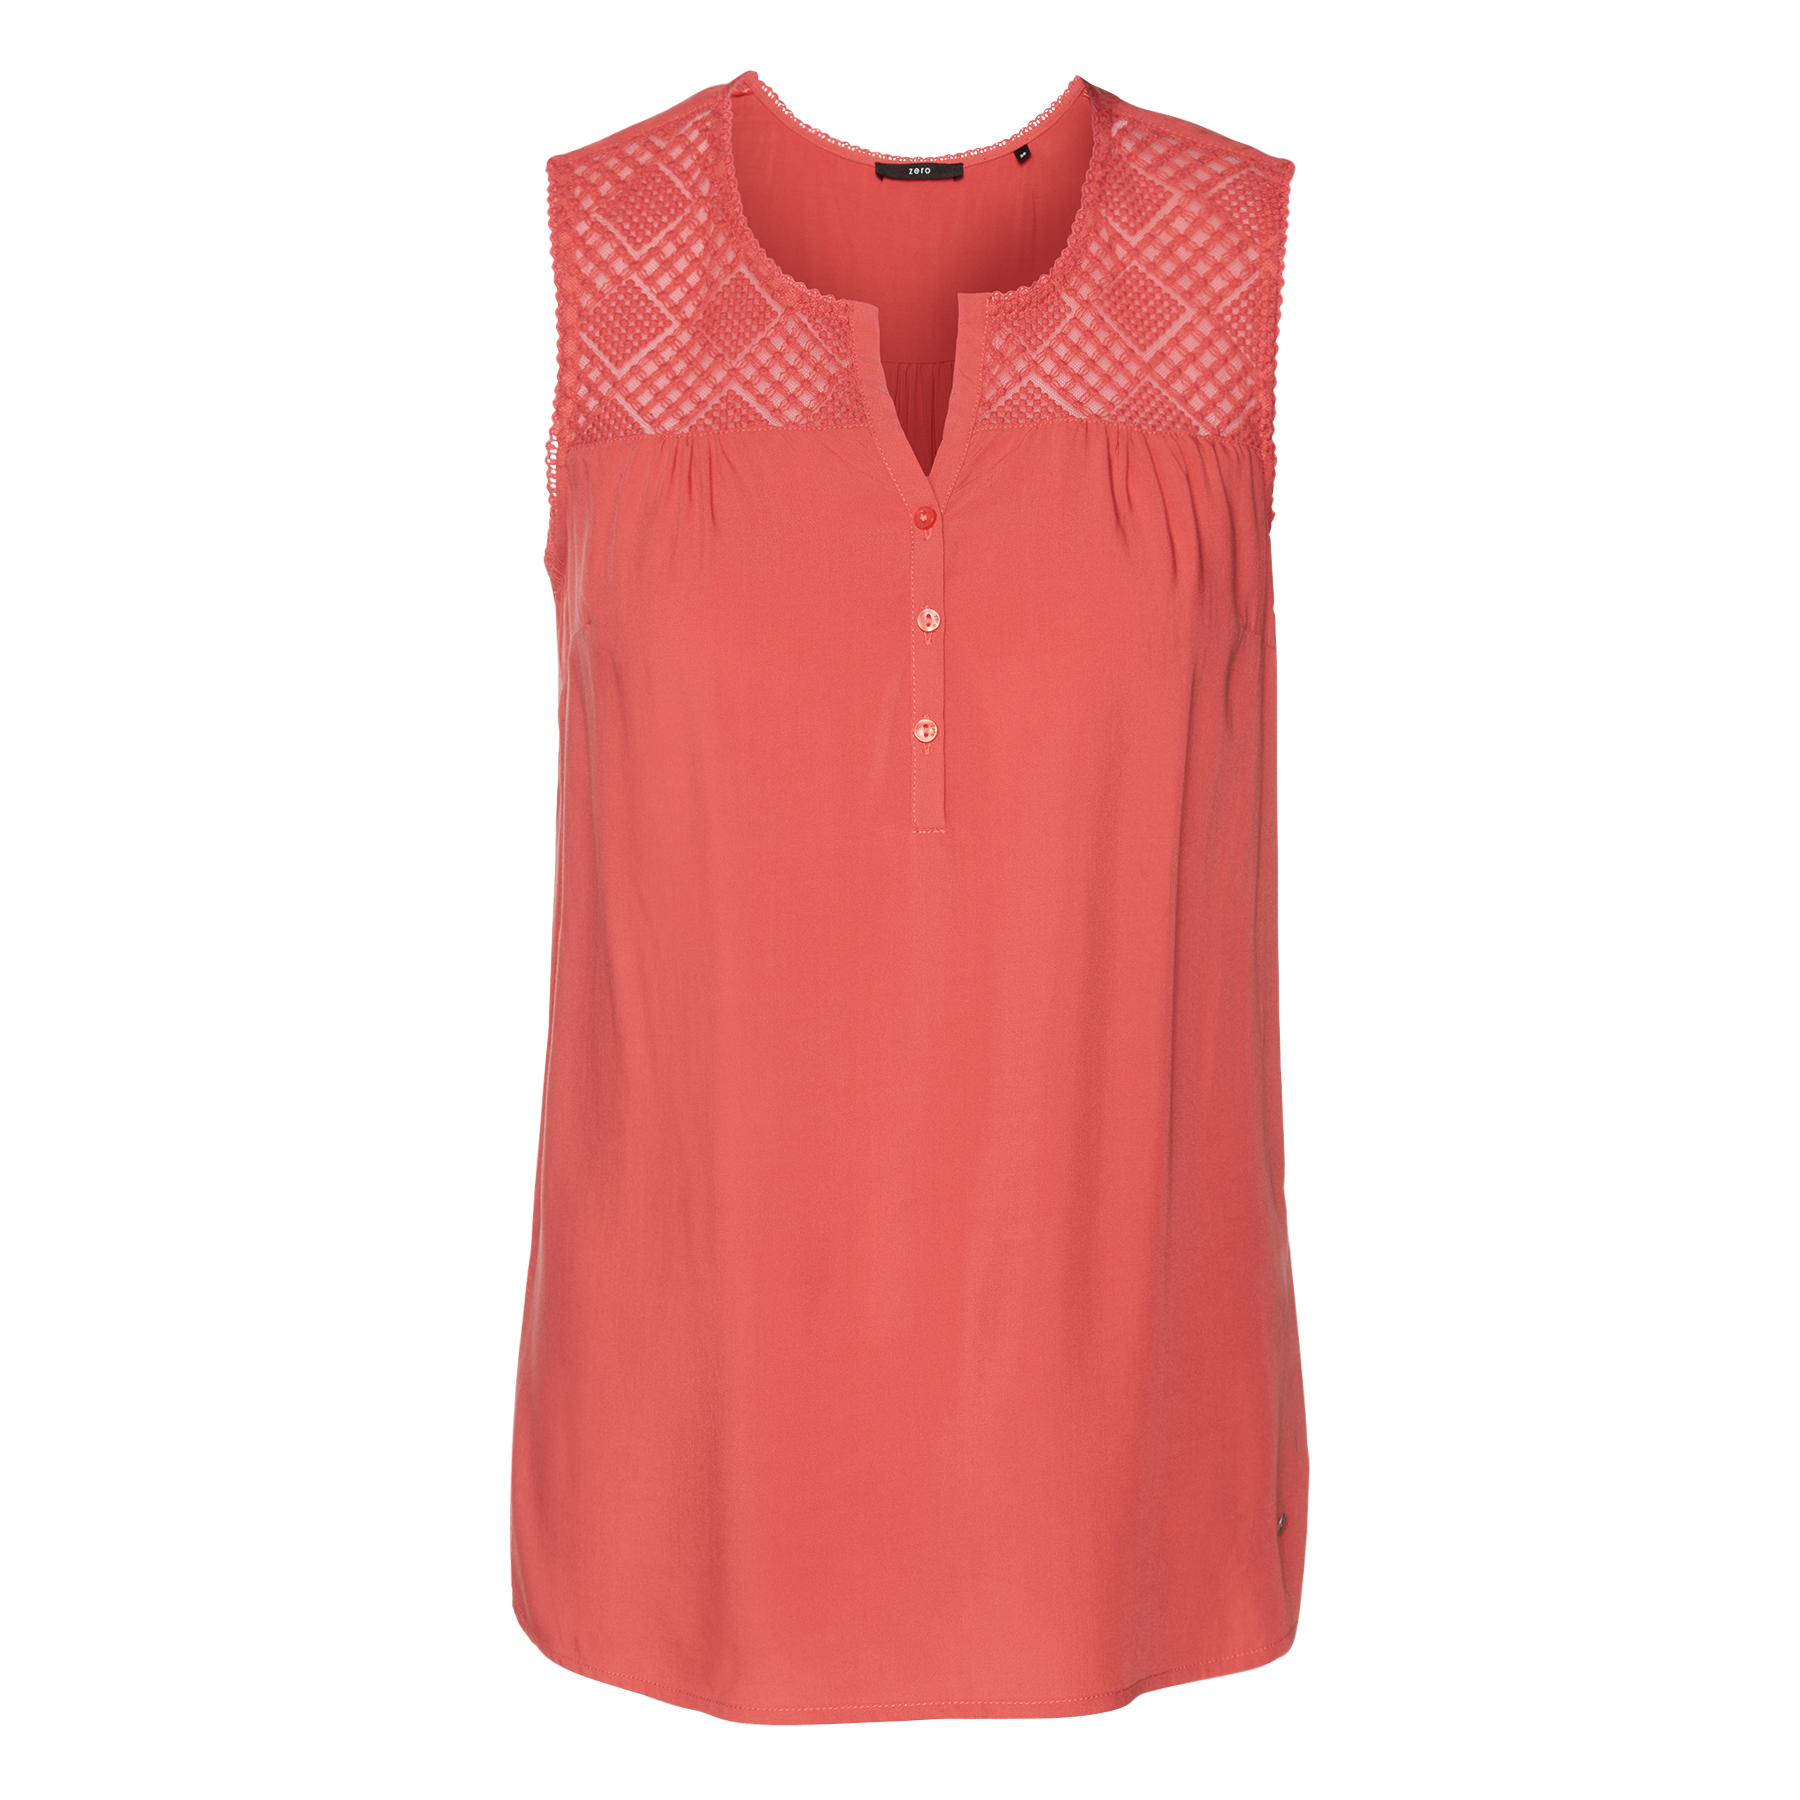 Bluse mit Spitzenbesatz peach coral